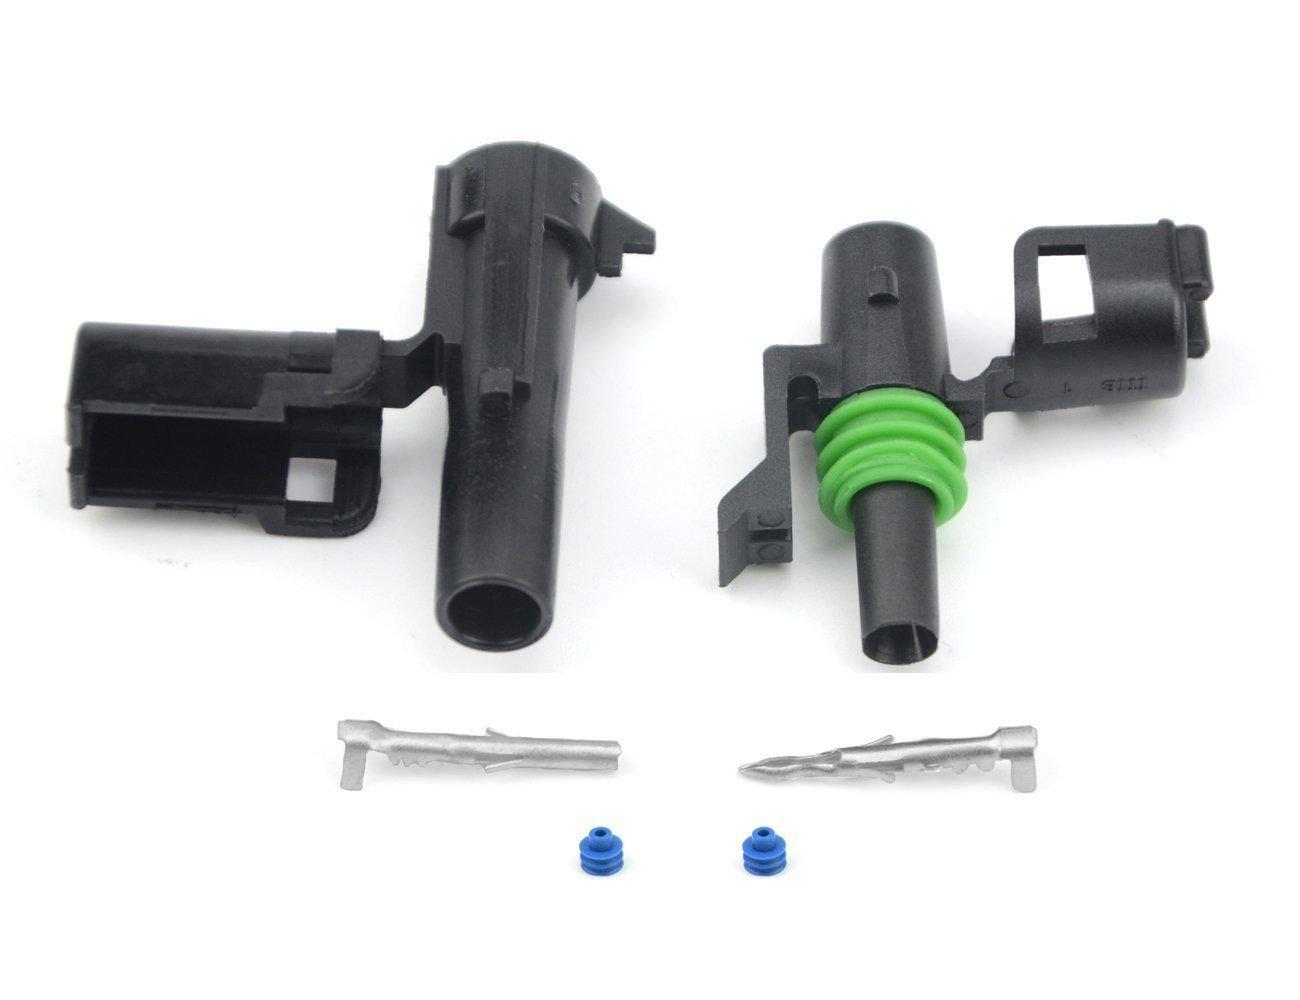 24V VOLT 15 PIN PLASTIC SOCKET TRUCK TRAILER WITH CRIMP TERMINALS